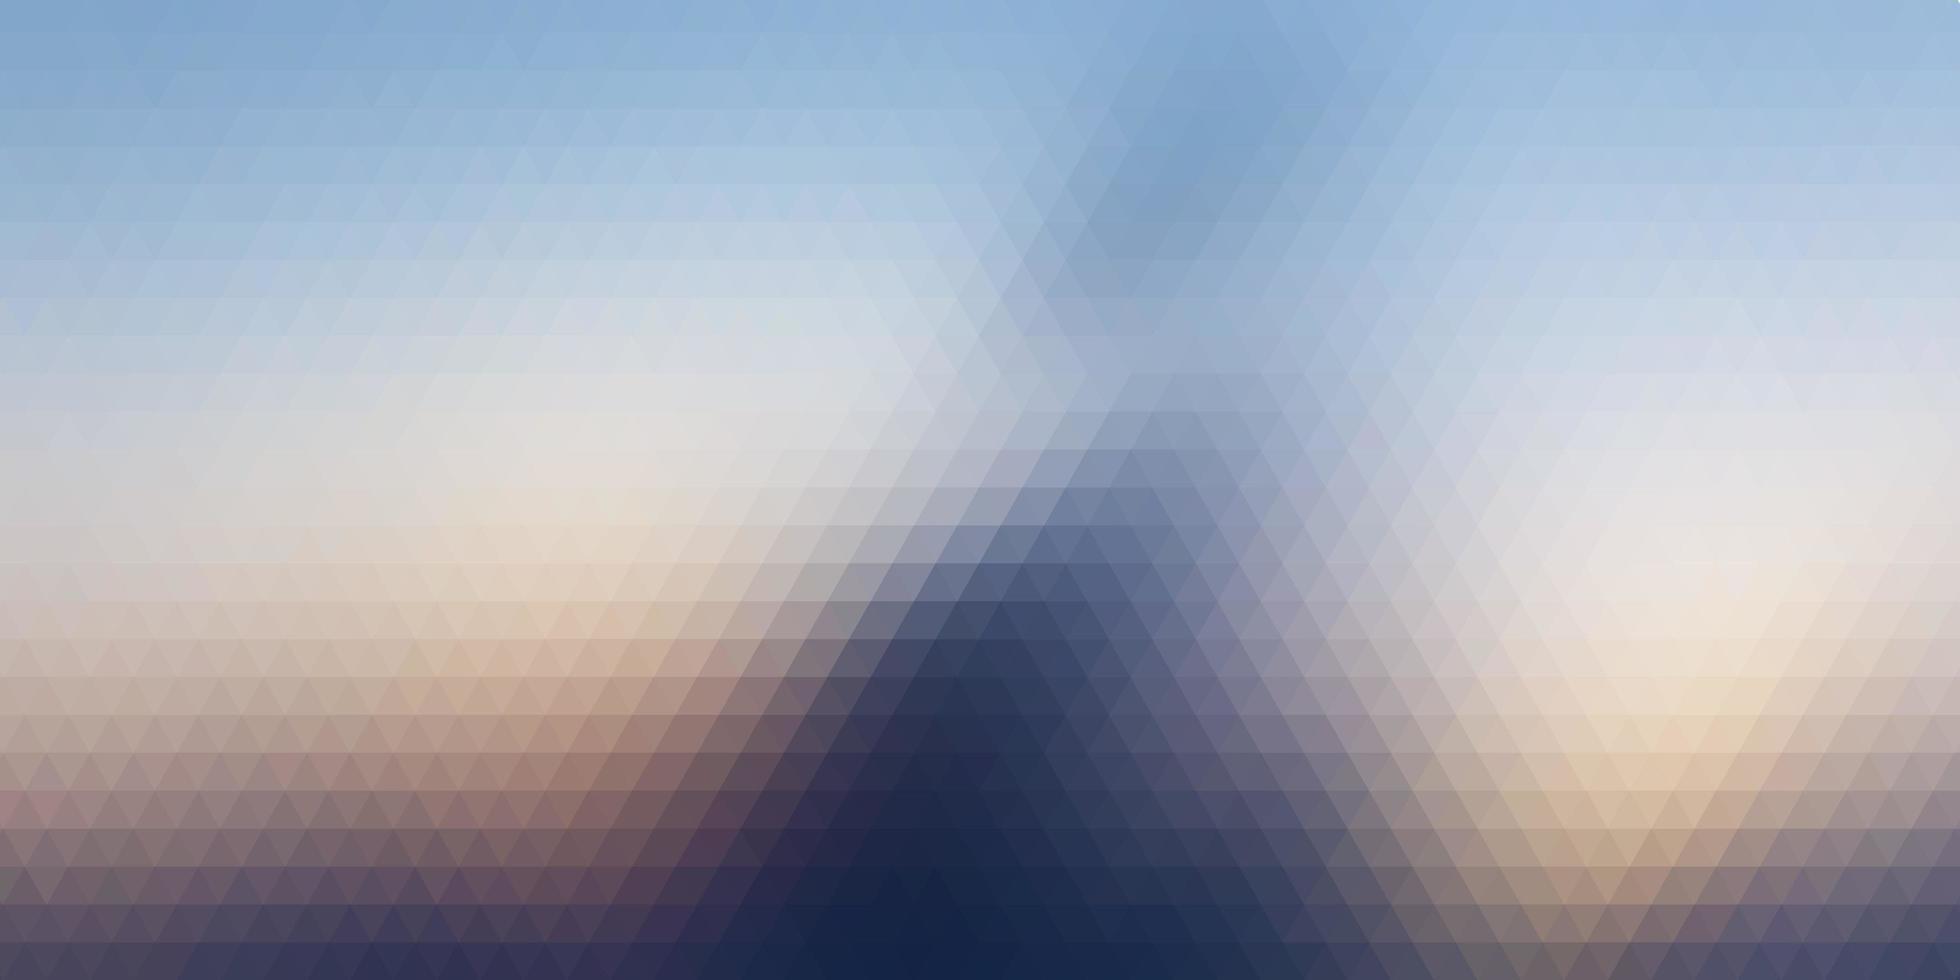 conception de bannière abstraite avec motif triangulaire vecteur